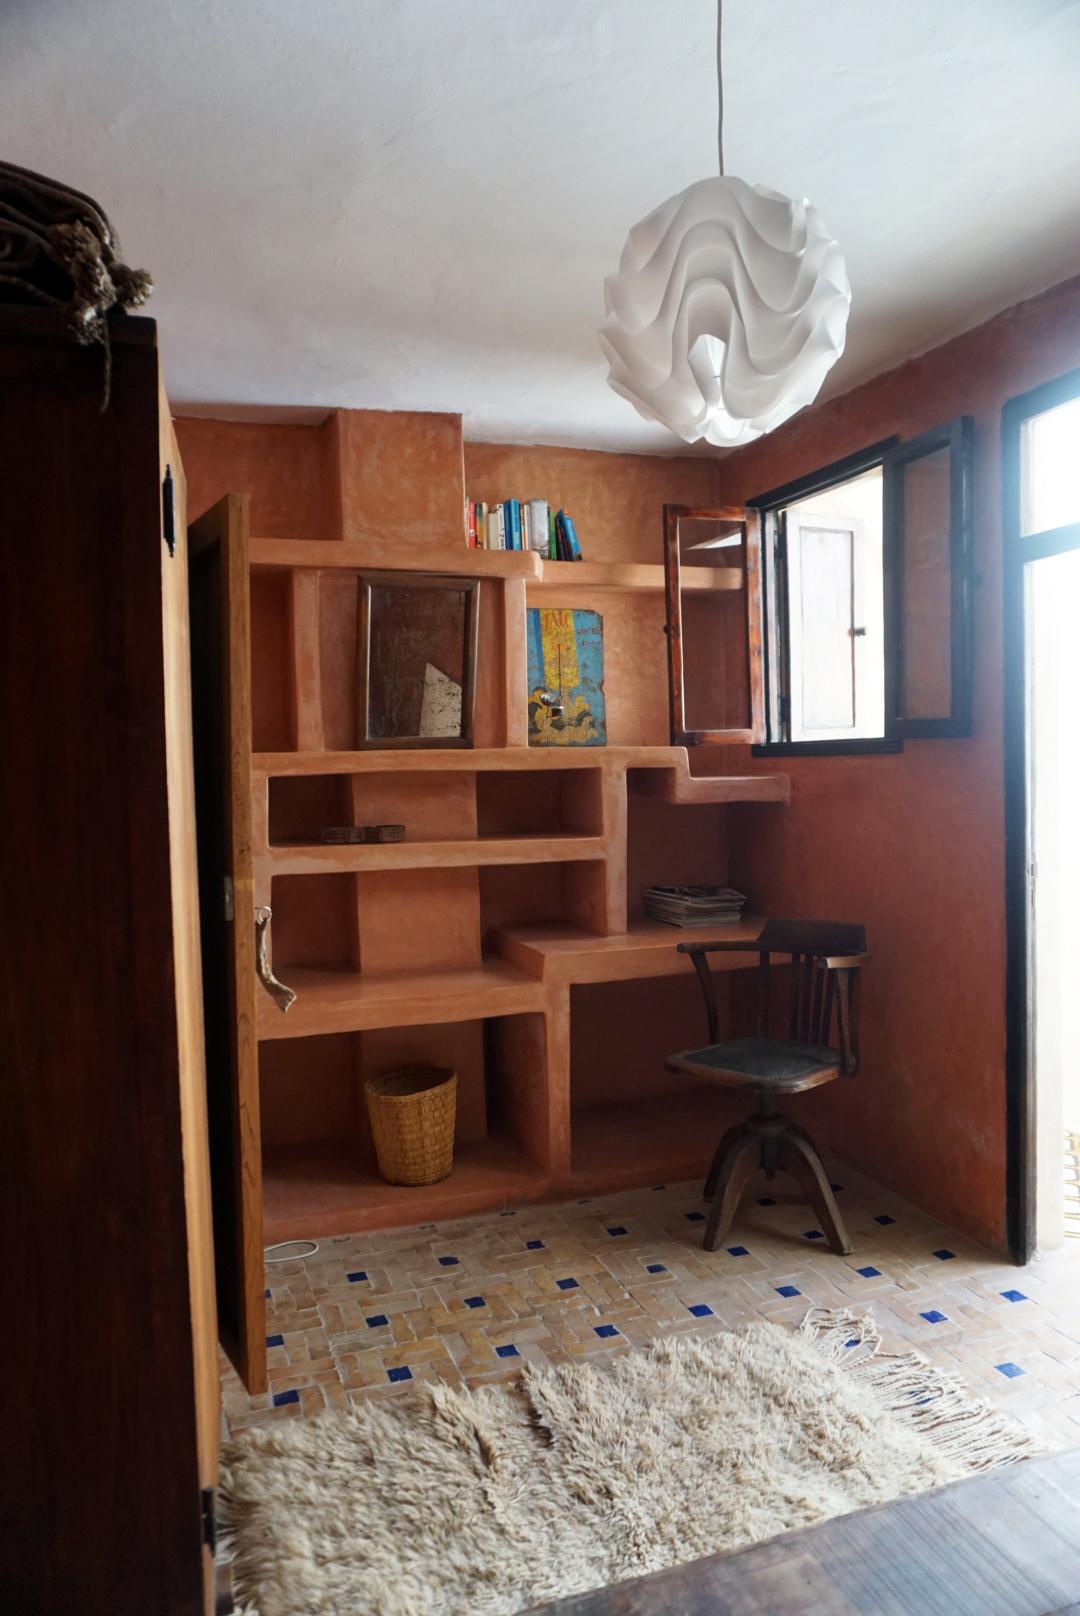 dar-emma-bedroom-1.jpg